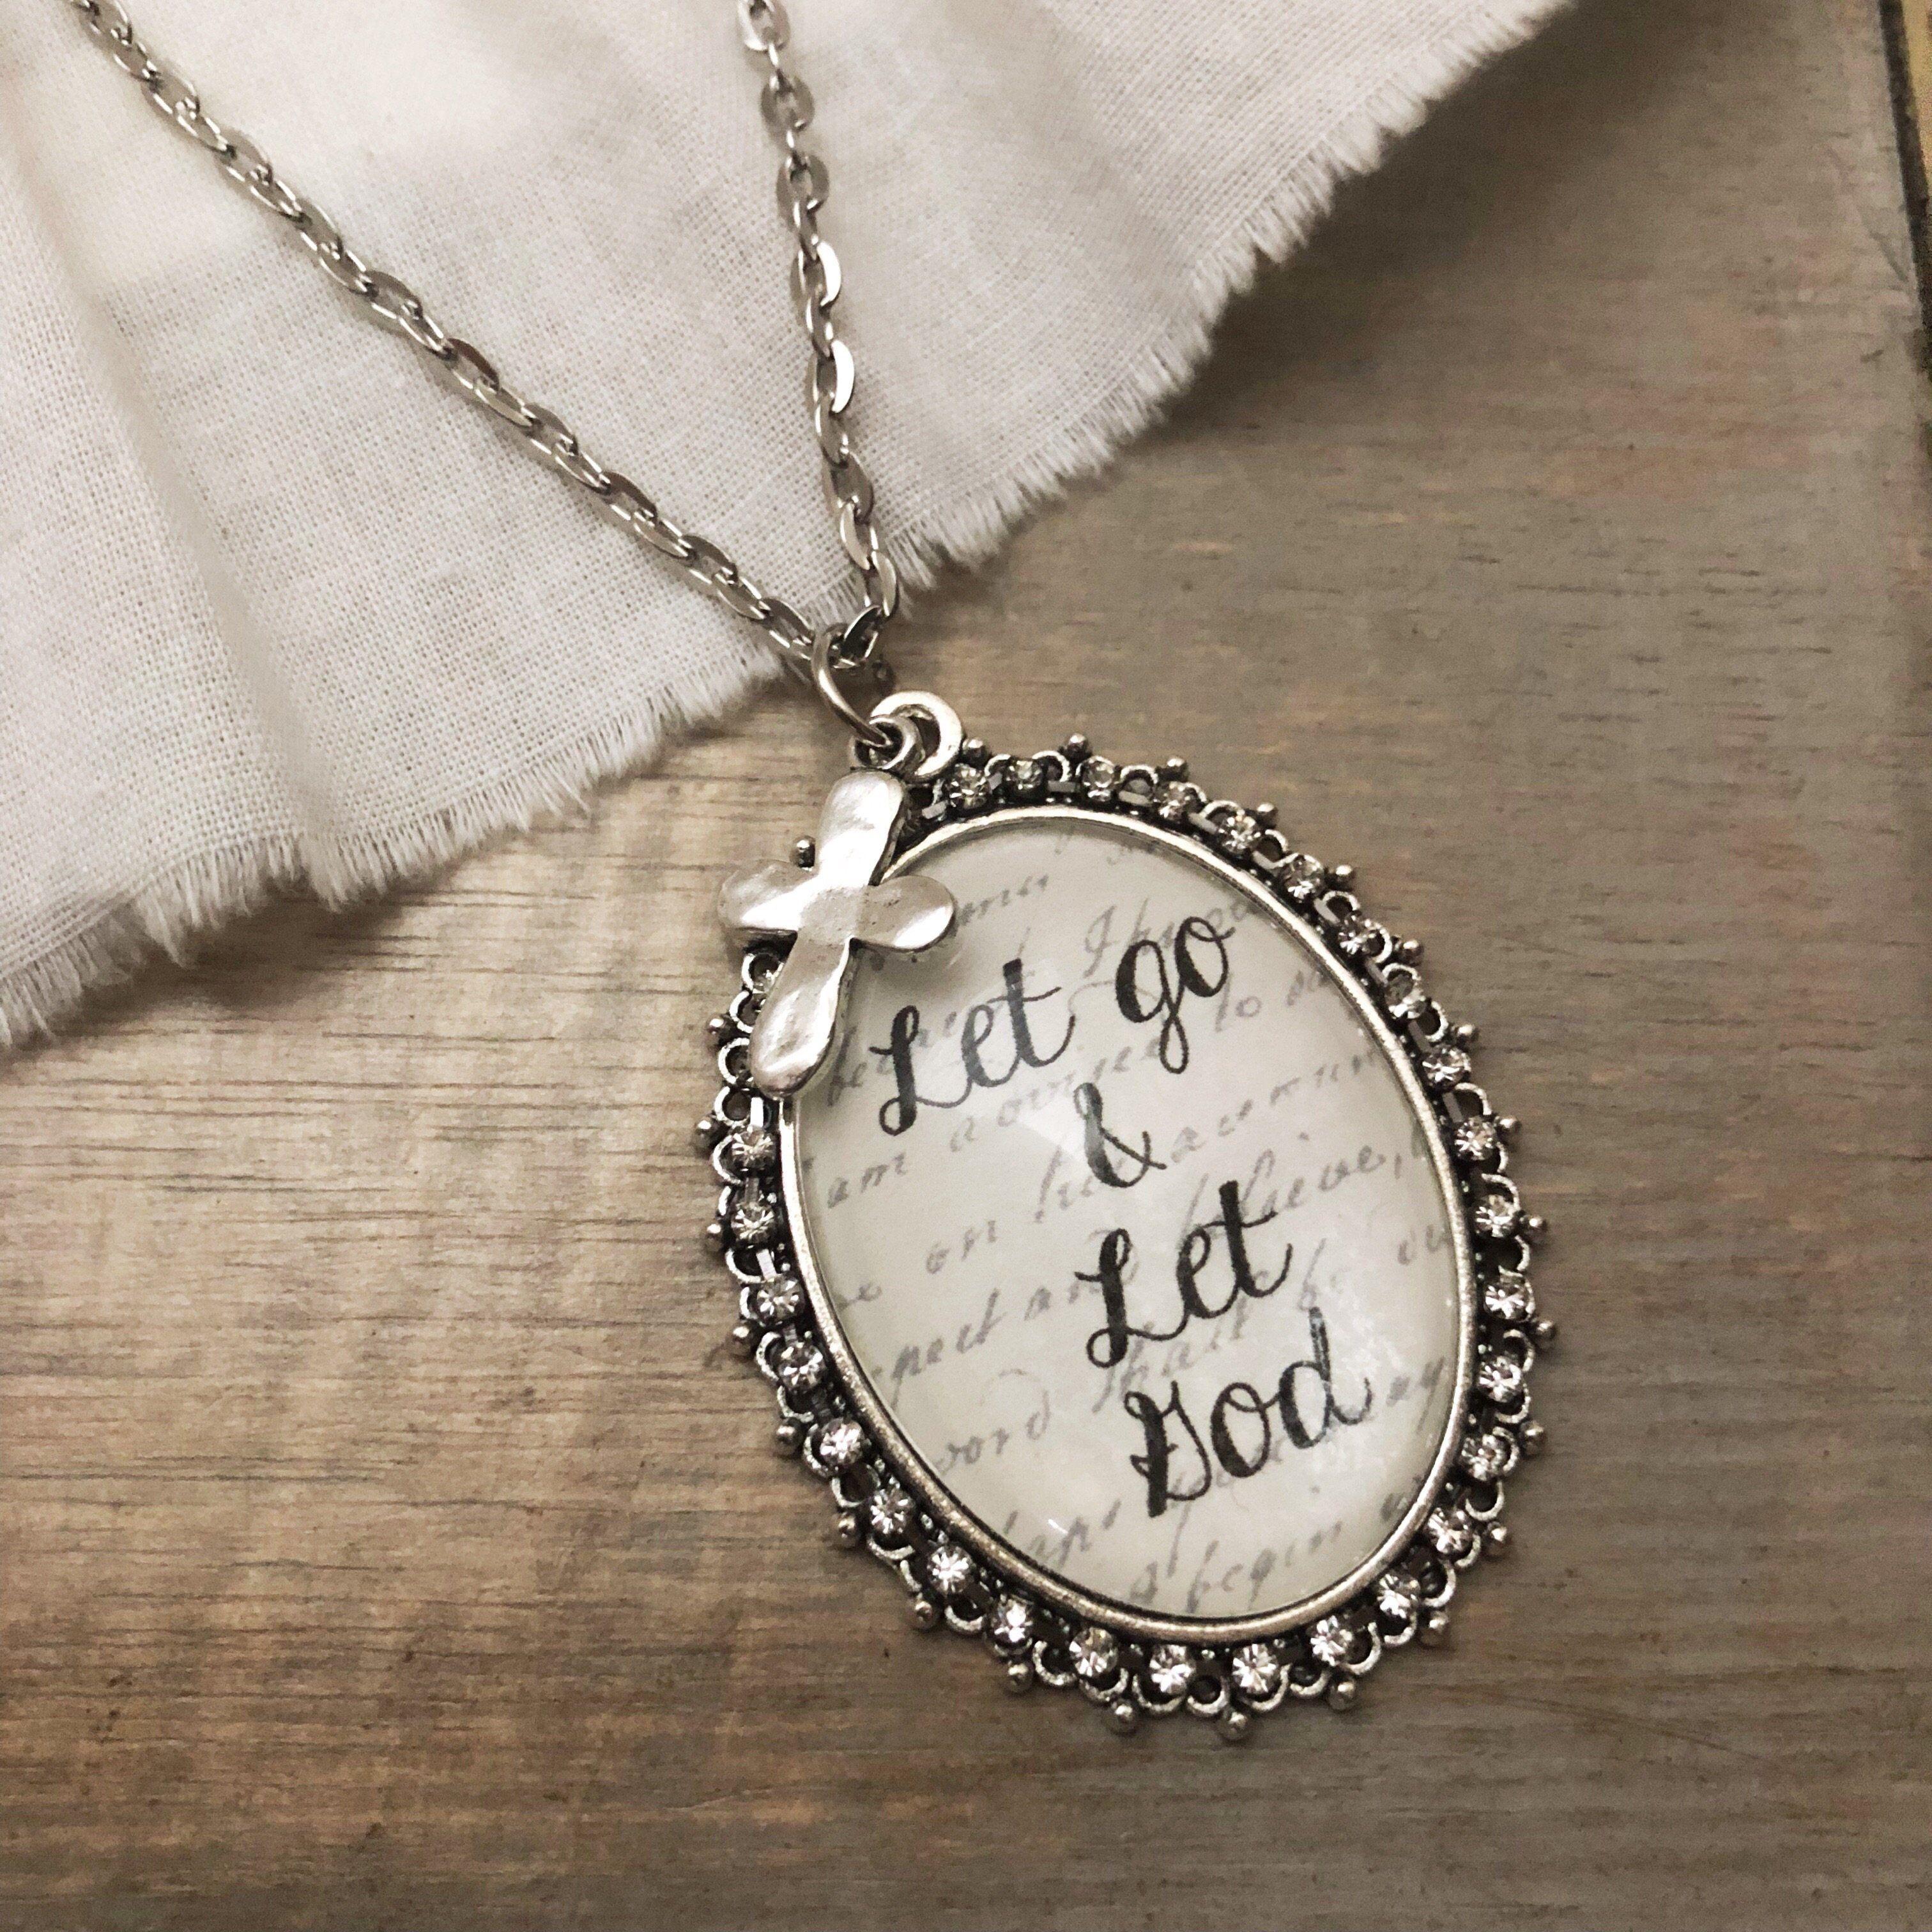 10+ Let go let god jewelry viral